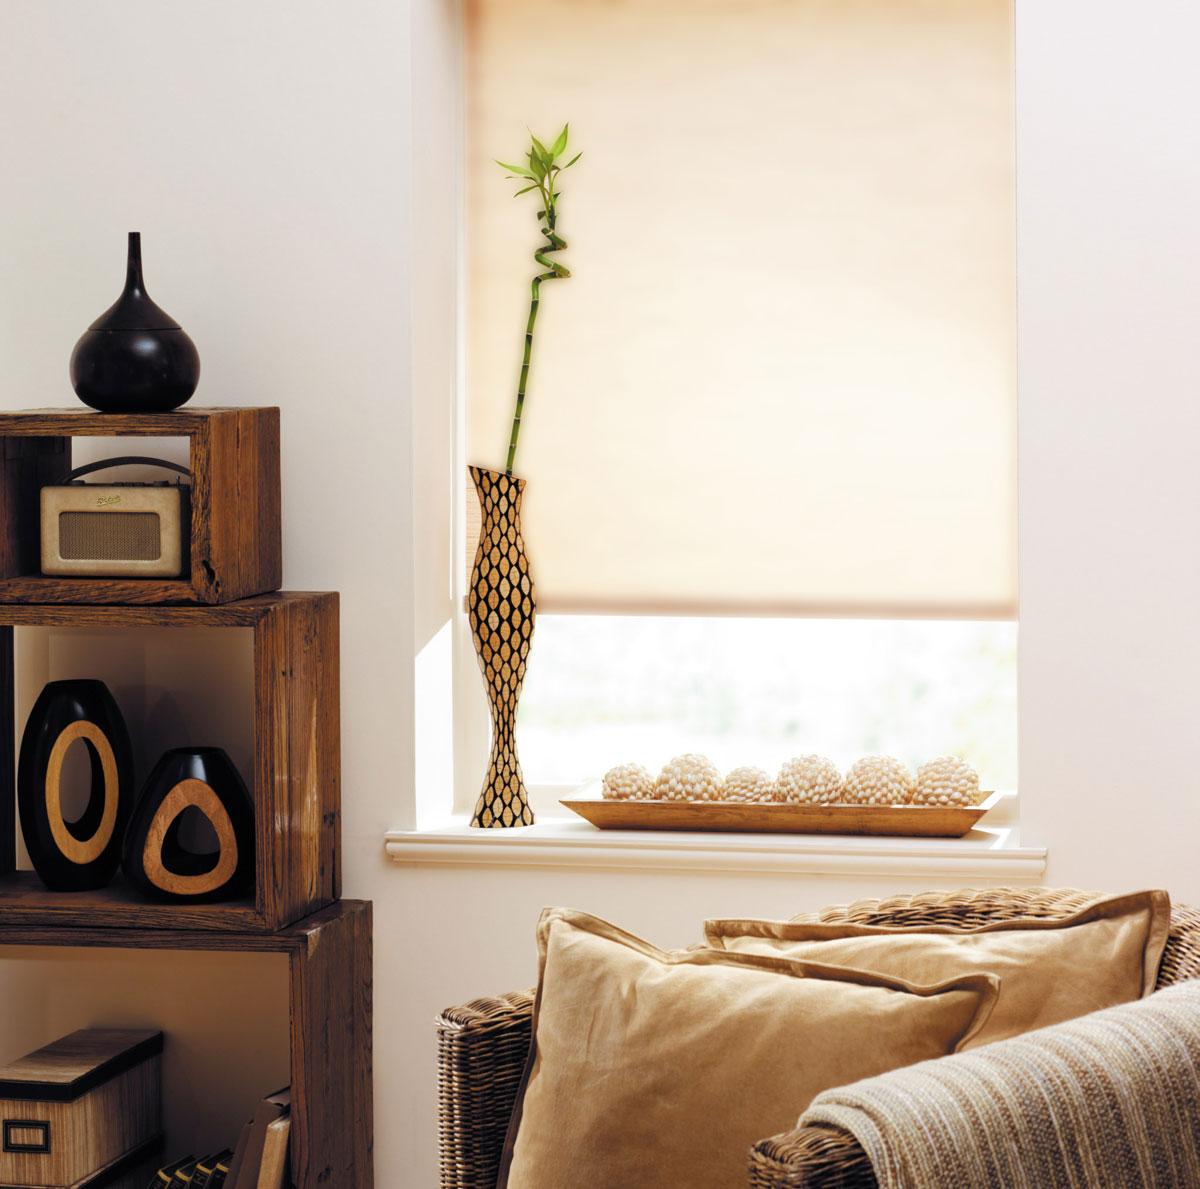 Миниролло KauffOrt 115х170 см, цвет: бежевый лен3115409Рулонная штора Миниролло выполнена из высокопрочной ткани бежевого цвета, которая сохраняет свой размер даже при намокании. Ткань не выцветает и обладает отличной цветоустойчивостью. Миниролло - это подвид рулонных штор, который закрывает не весь оконный проем, а непосредственно само стекло. Такие шторы крепятся на раму без сверления при помощи зажимов или клейкой двухсторонней ленты. Окно остаётся на гарантии, благодаря монтажу без сверления. Такая штора станет прекрасным элементом декора окна и гармонично впишется в интерьер любого помещения.